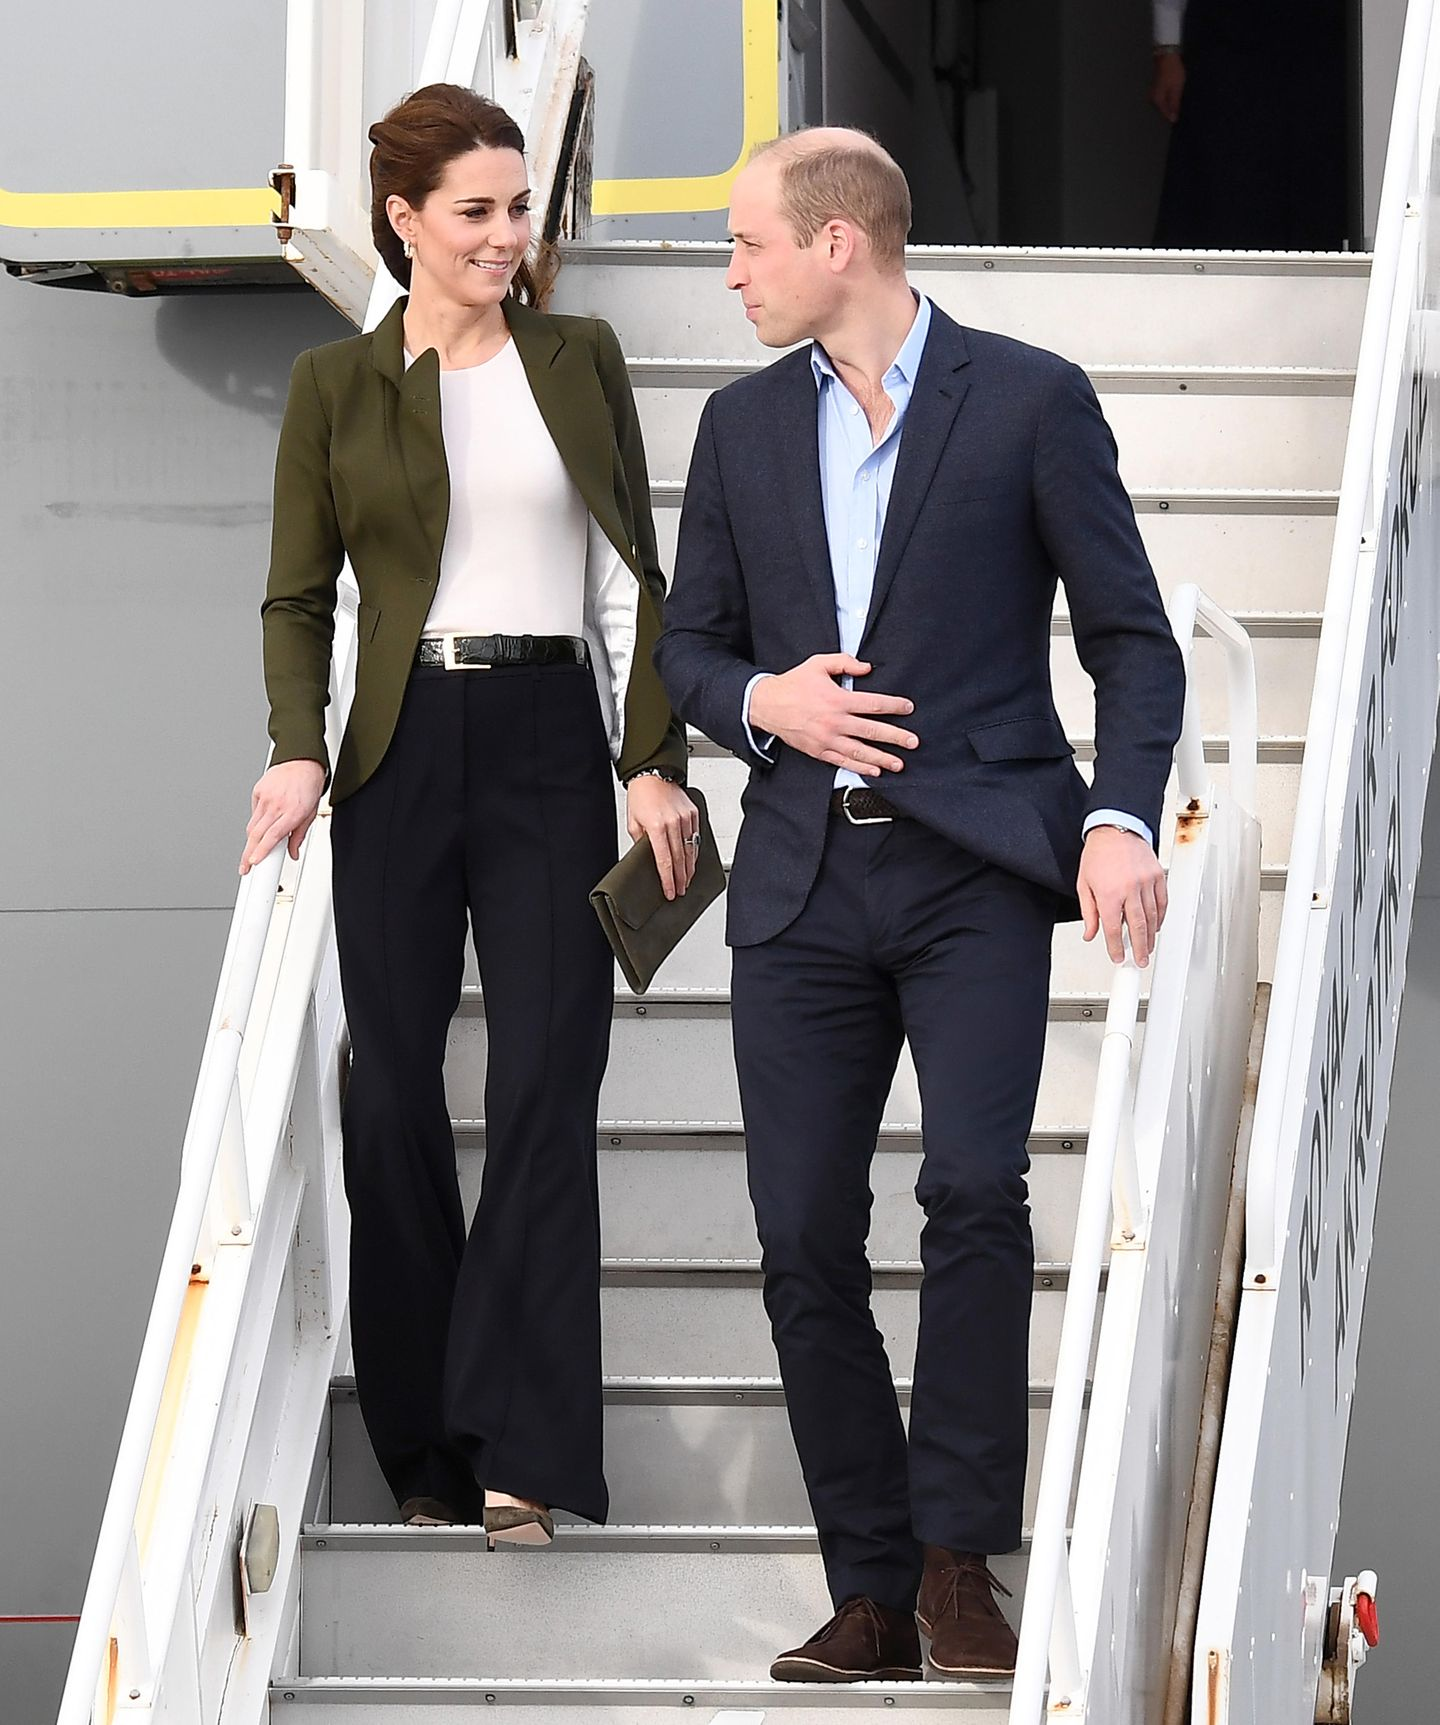 Bei ihrer Ankunft auf Zypern zeigt sich Herzogin Catherine in einem Look bestehend aus Blazer und weit geschnittener Hose. Ihre Accessoires sind perfekt abgestimmt; khakifarbene Pumps, ein dunkelblauer Gürtel und funkelnde Ohrringe machen den Look perfekt.